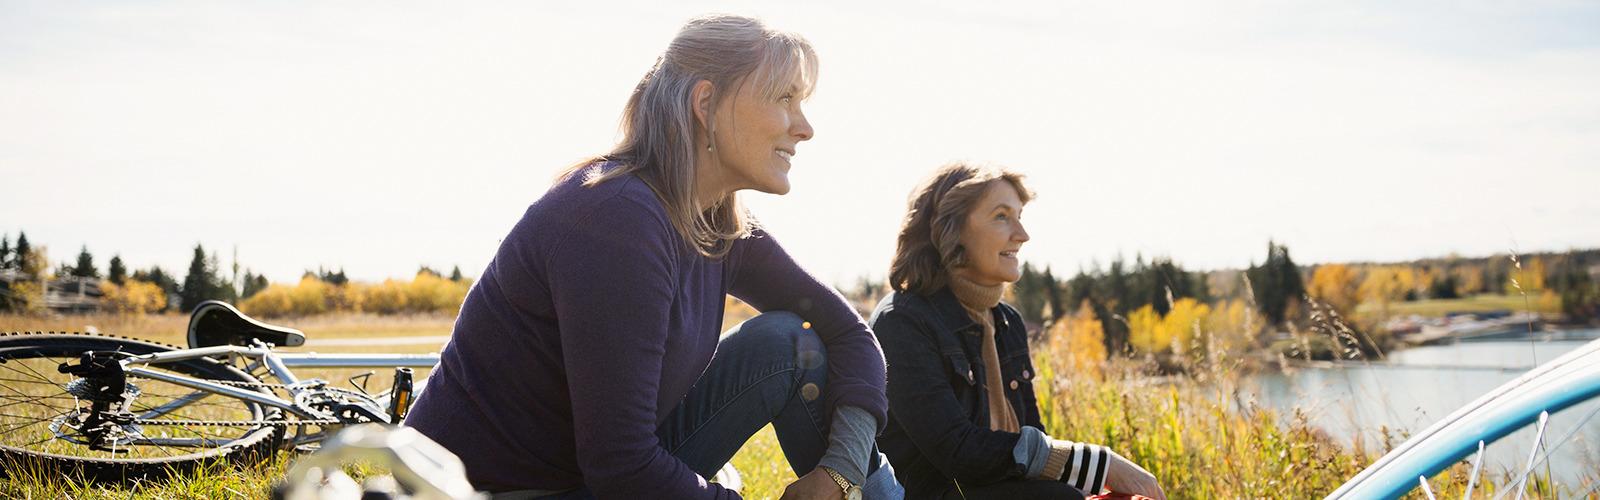 Dos mujeres con bicicletas sentadas en el césped descansando en un campo soleado